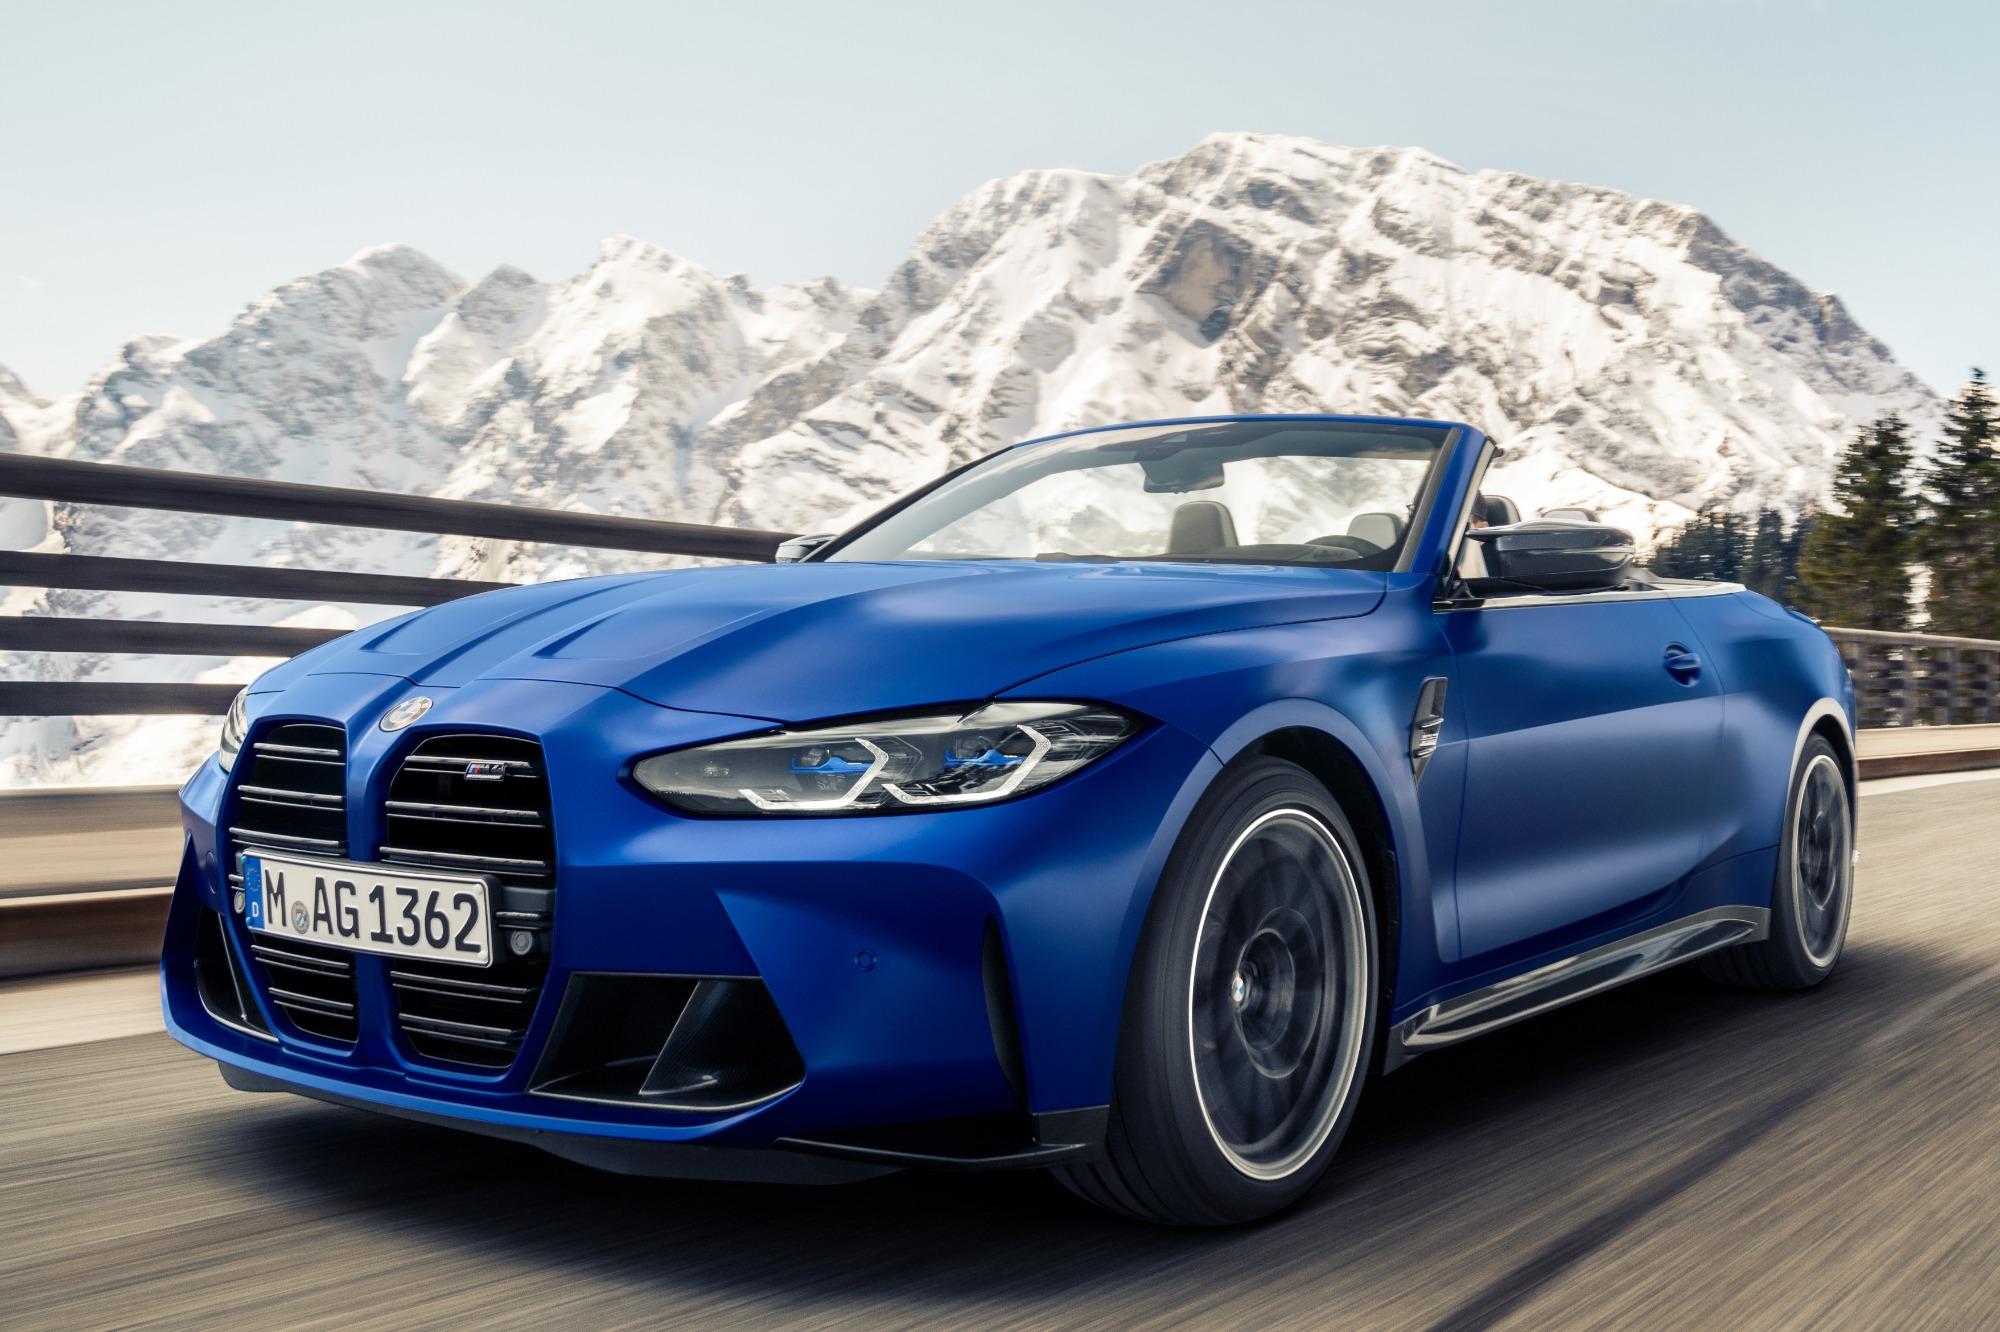 BMW M4 Competition 2022 azul visto 3/4 de frente